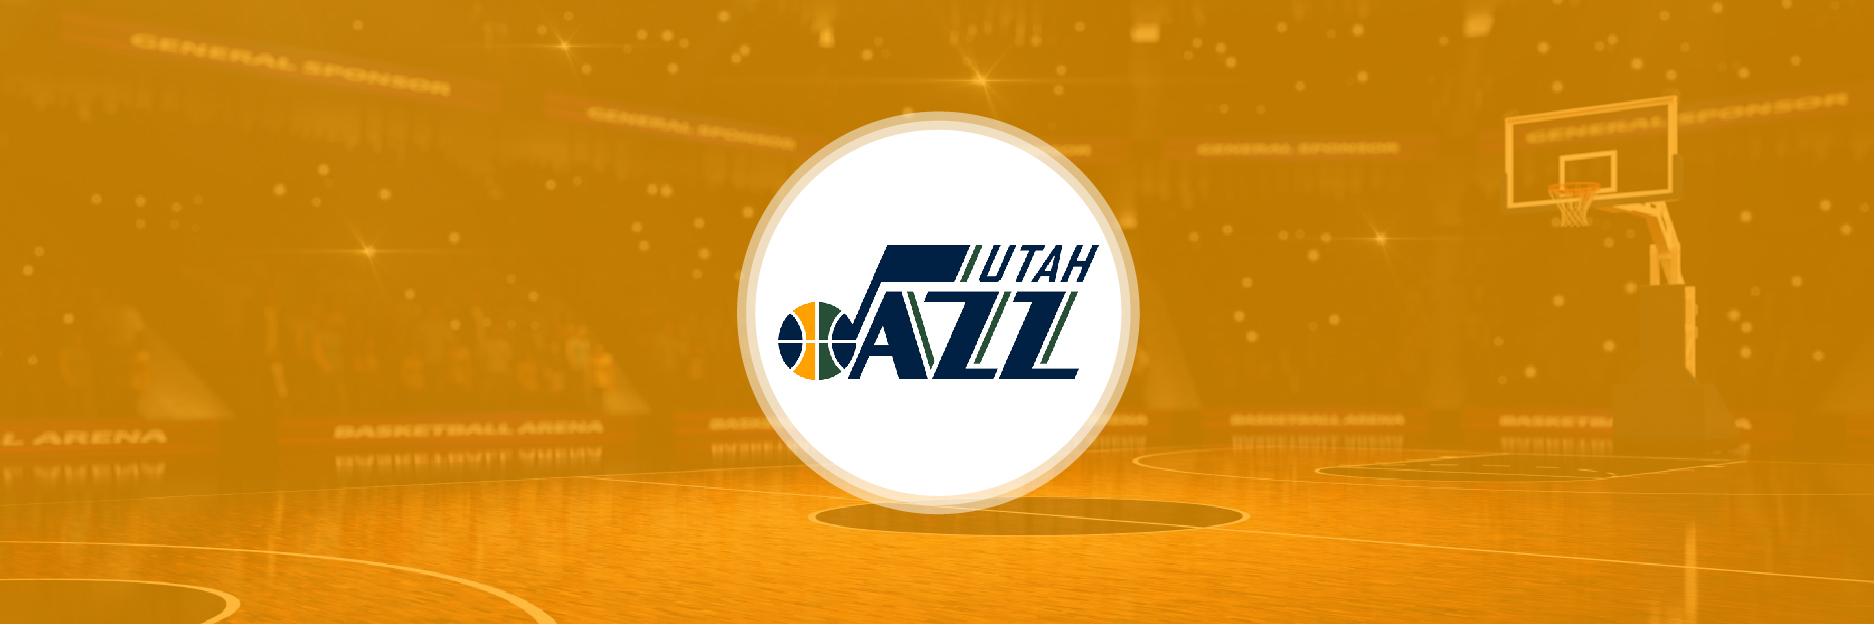 Utah Jazz 2020 Season Analysis